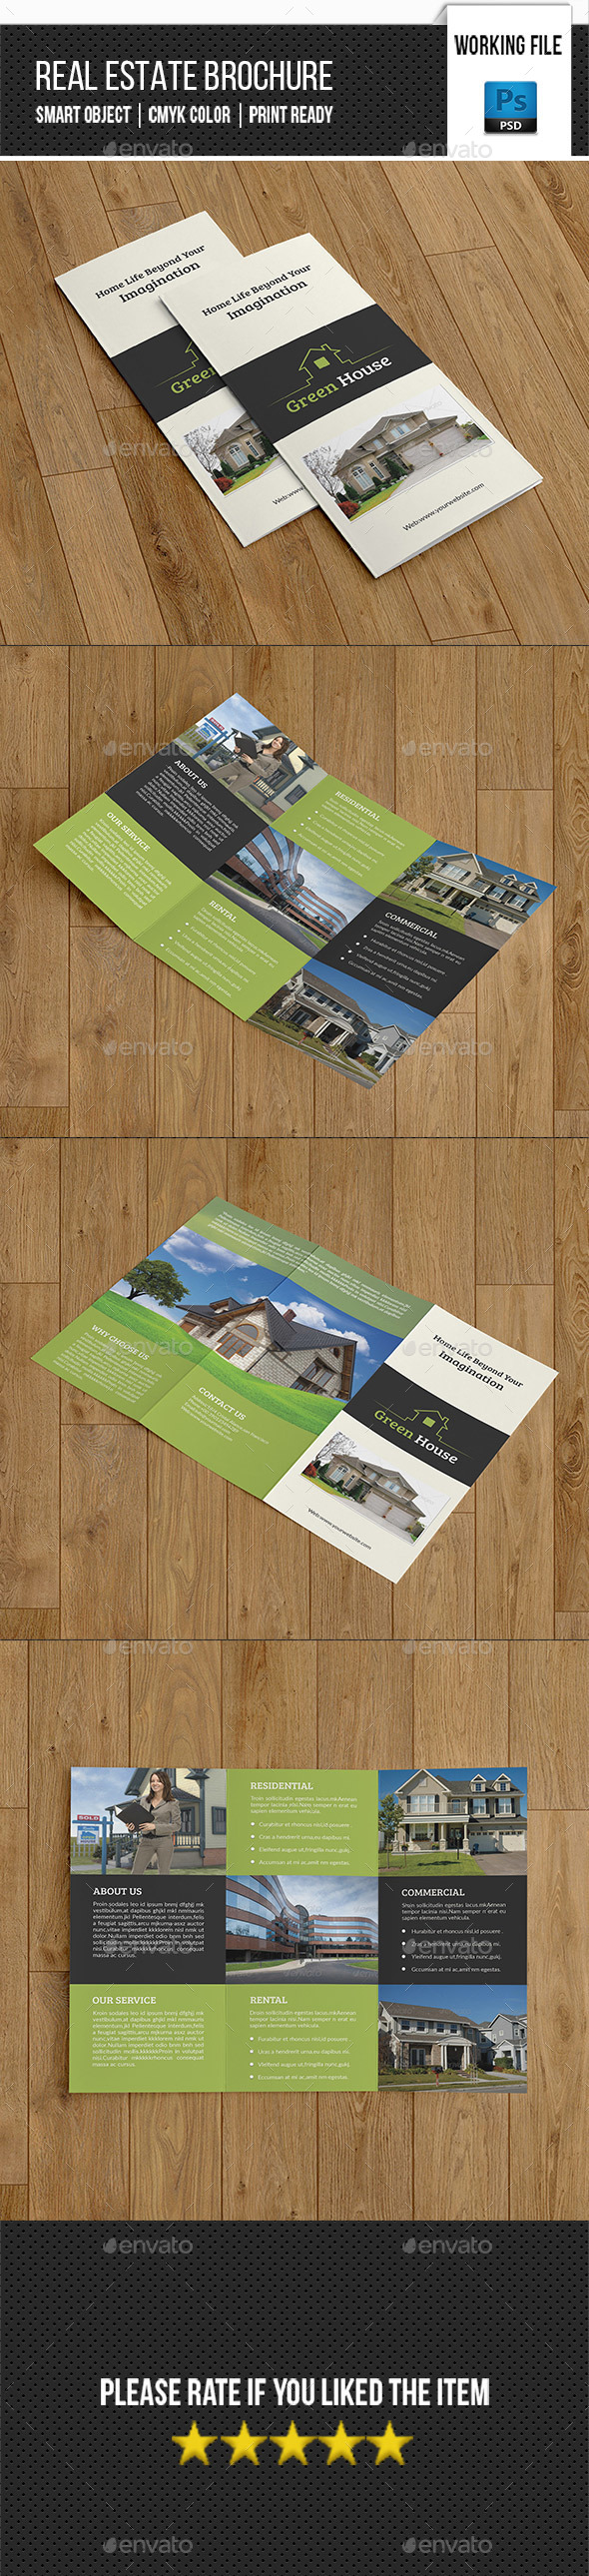 Real Estate Trifold Brochure-V263 - Corporate Brochures